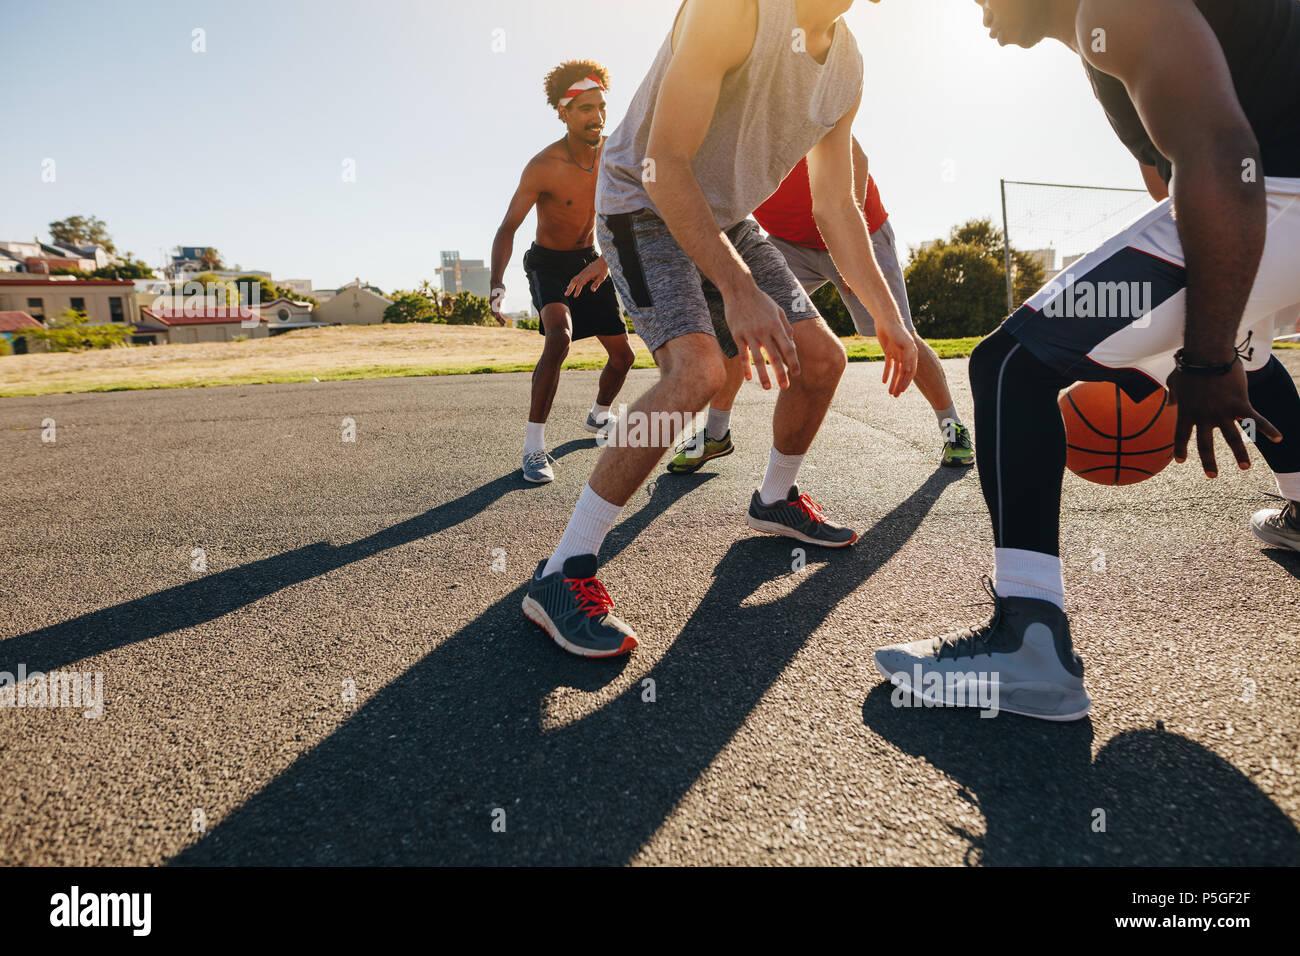 Les hommes jouant au basket-ball jeu sur une journée ensoleillée. Les hommes exerçant des compétences de basket-ball dans l'aire de jeu. Banque D'Images